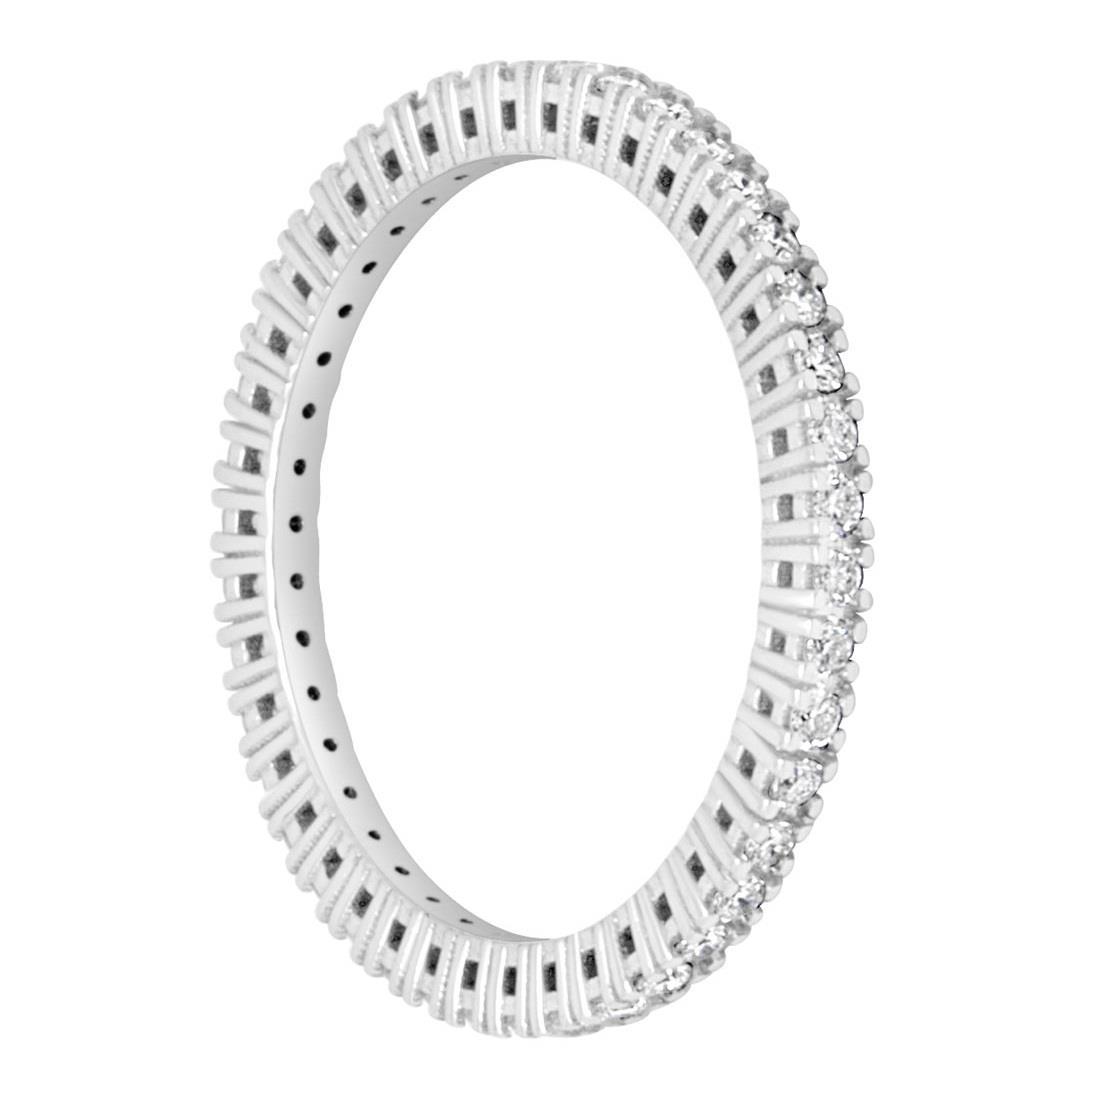 Anello eternity con diamanti ct. 0,38 - ALFIERI & ST. JOHN